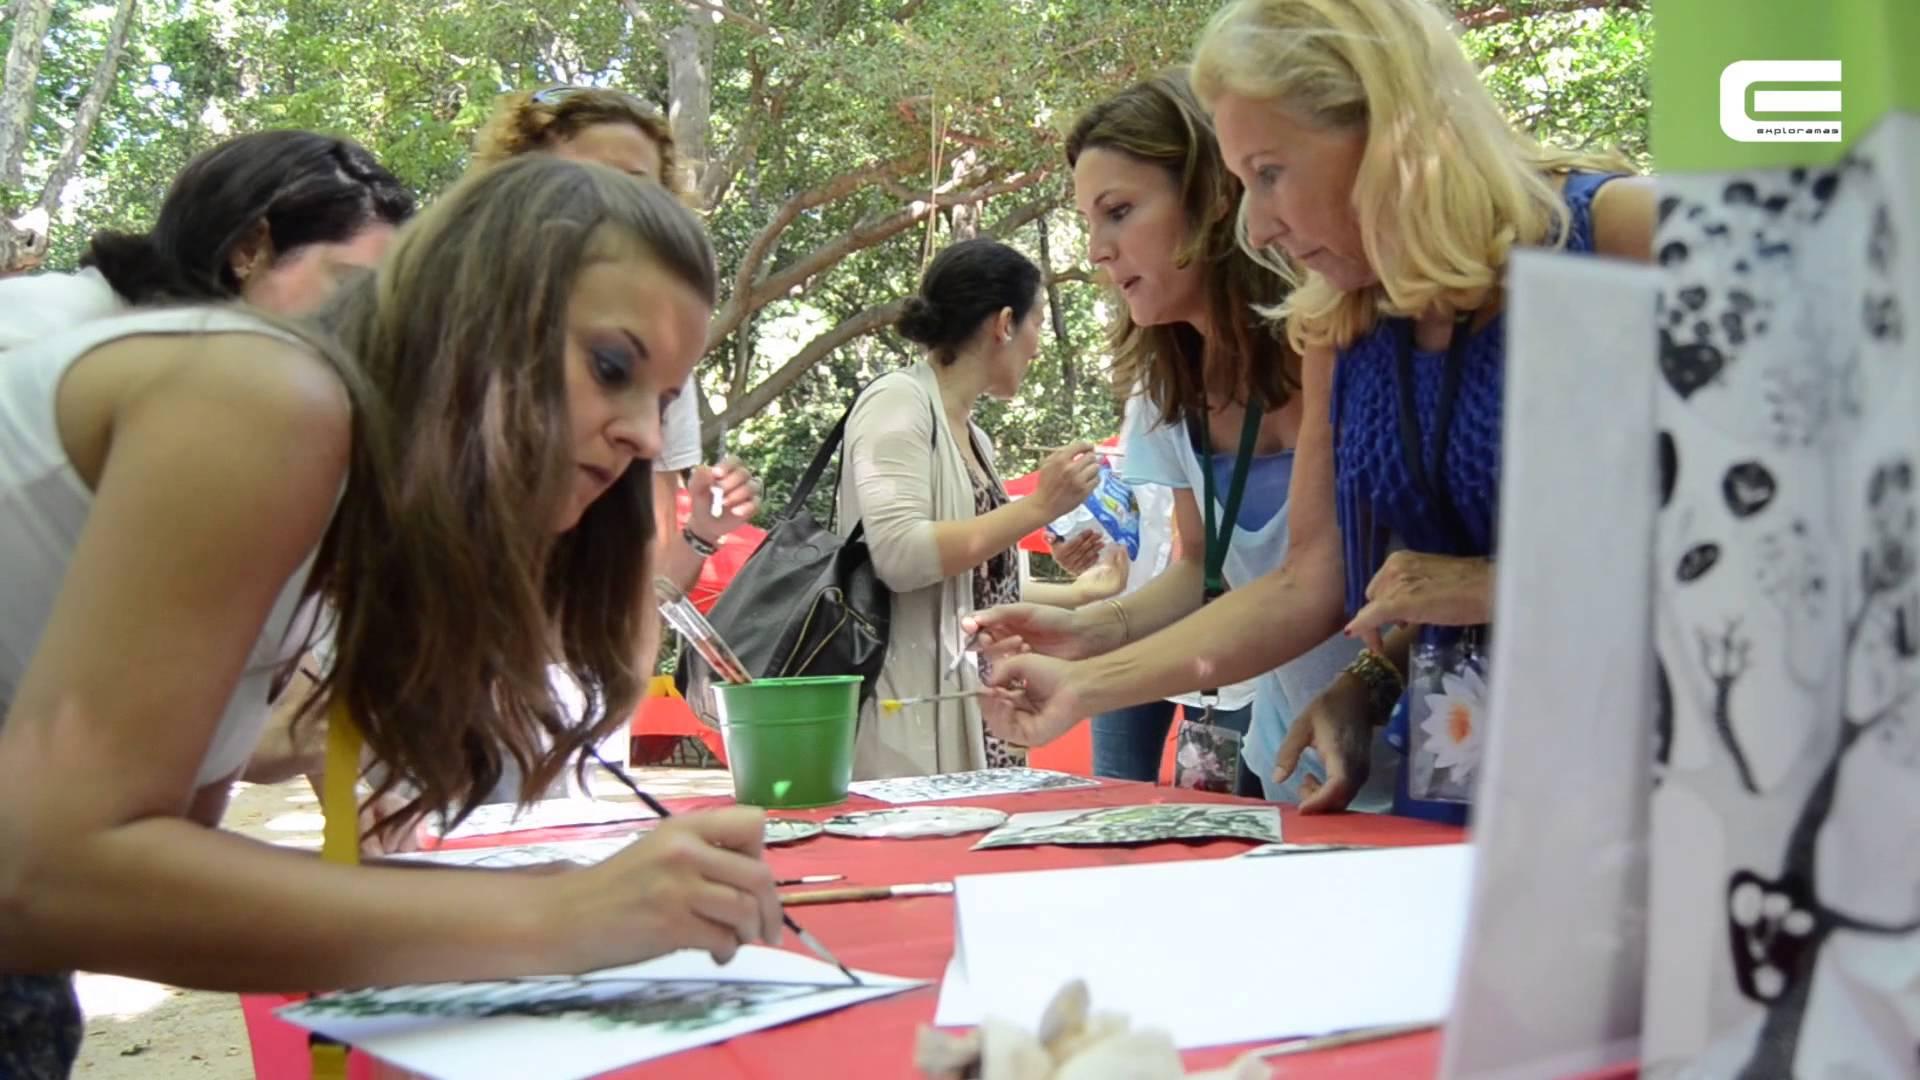 fam trip 5 exploramas jardin la concepcion malaga octubre 2012